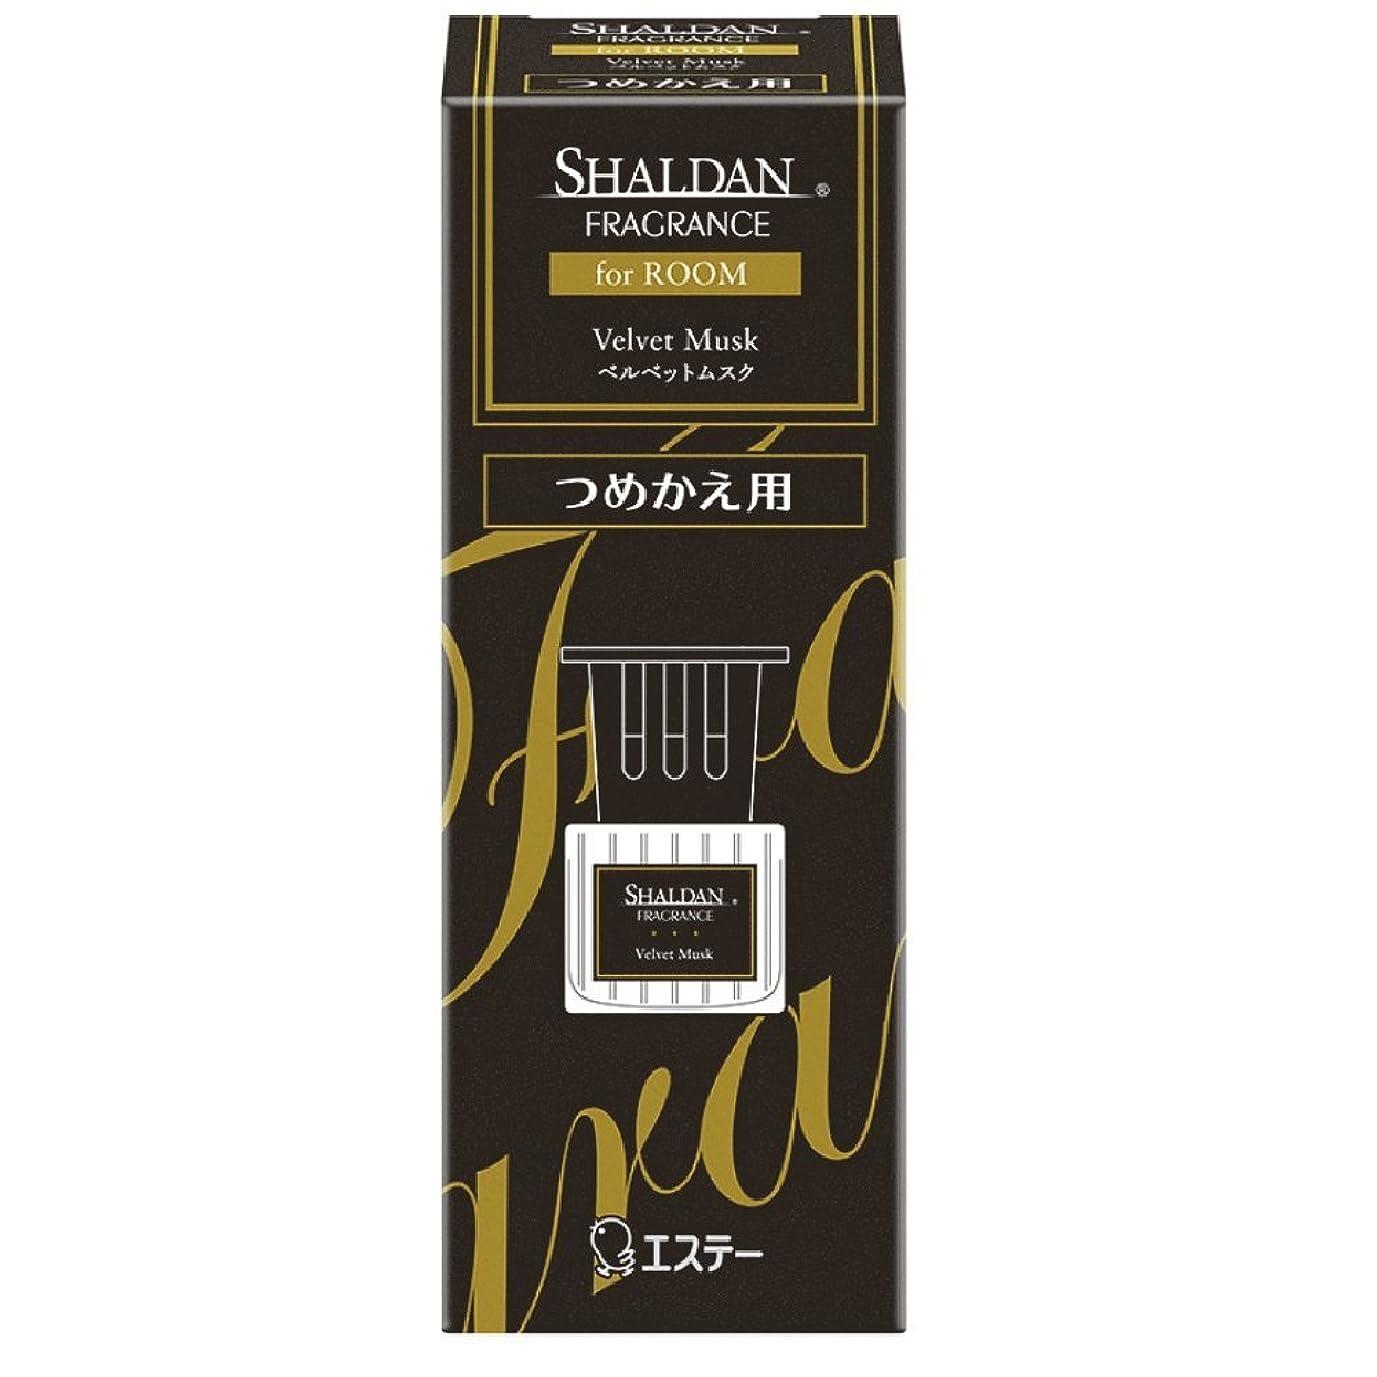 キモいスナック身元シャルダン SHALDAN フレグランス for ROOM 芳香剤 部屋用 部屋 つめかえ ベルベットムスク 65ml